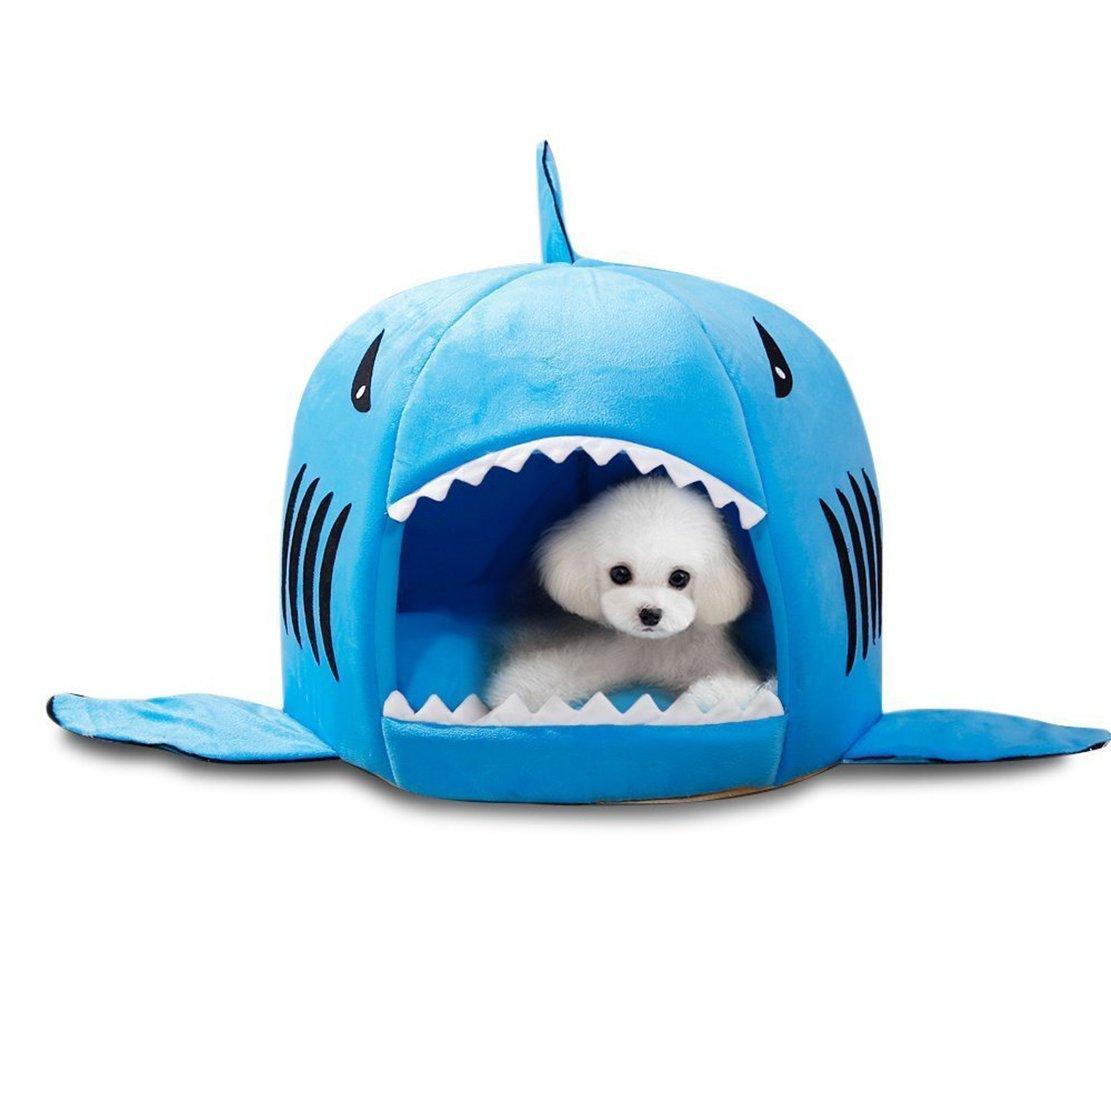 Pet Warm Soft Sleeping Bag perro de tiburón perro de la perrera de cama Casa (L, Azul): Amazon.es: Hogar